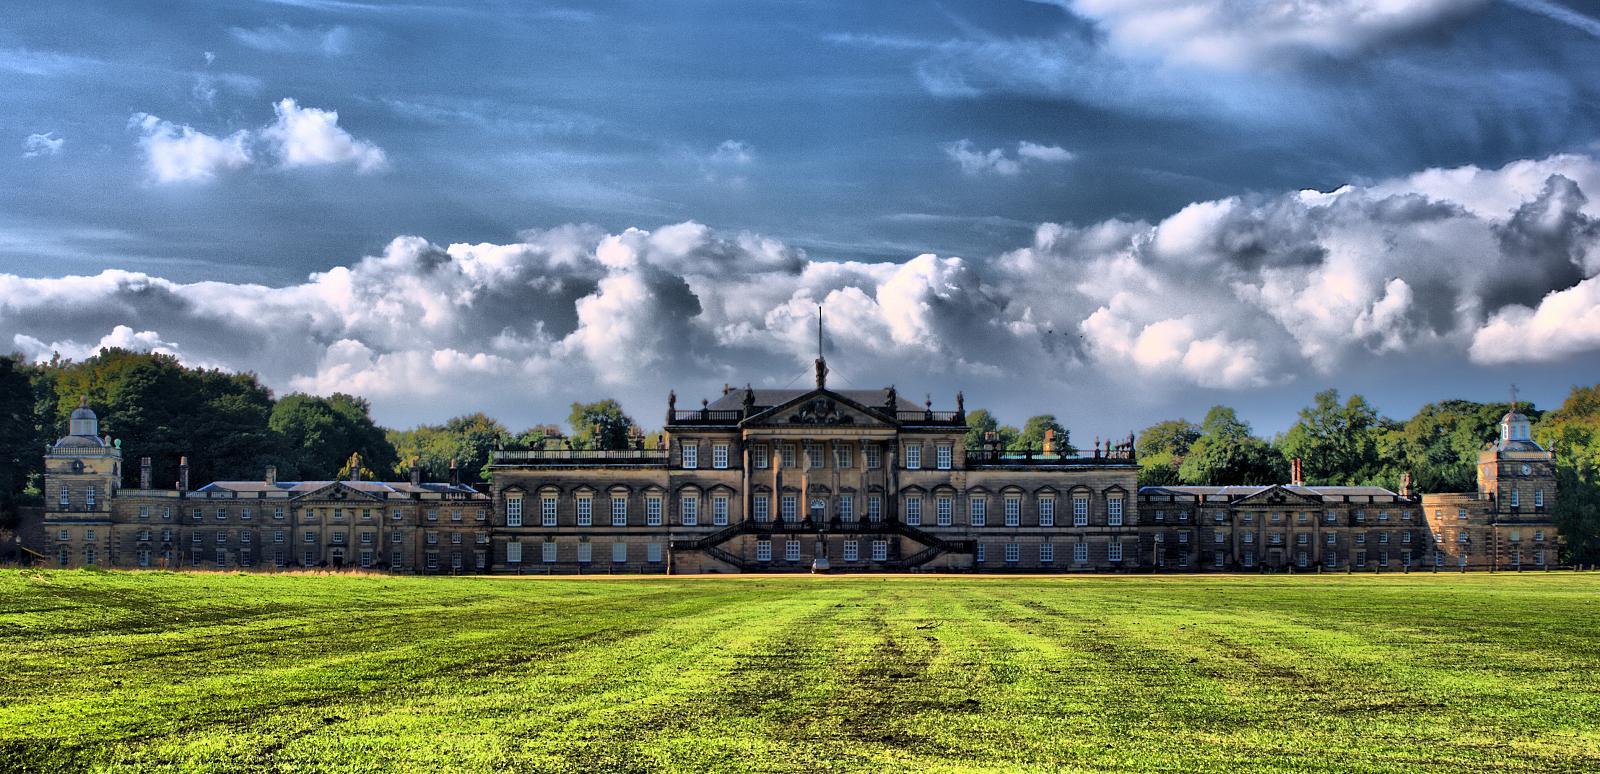 Wentworth estate